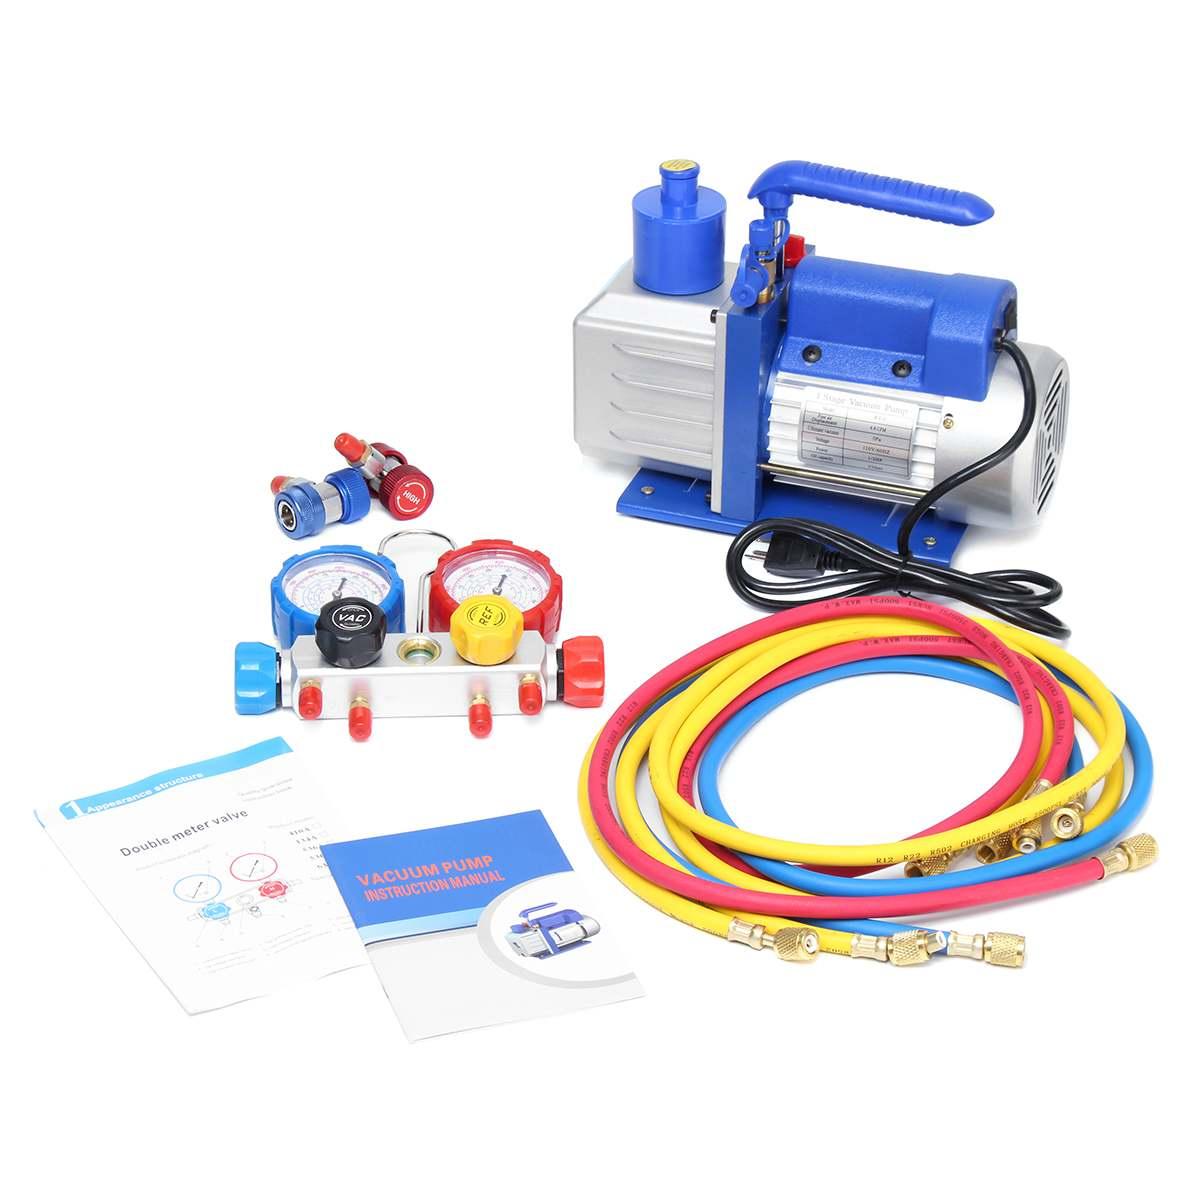 US $205 38 40% OFF|R134A R22 R410A 4 8CFM Vacuum Pump HVA/C Refrigerant  W/4VALVE MANIFOLD GAUGE Pumps Parts Mini Vacuum Pump For Air  Conditioning-in